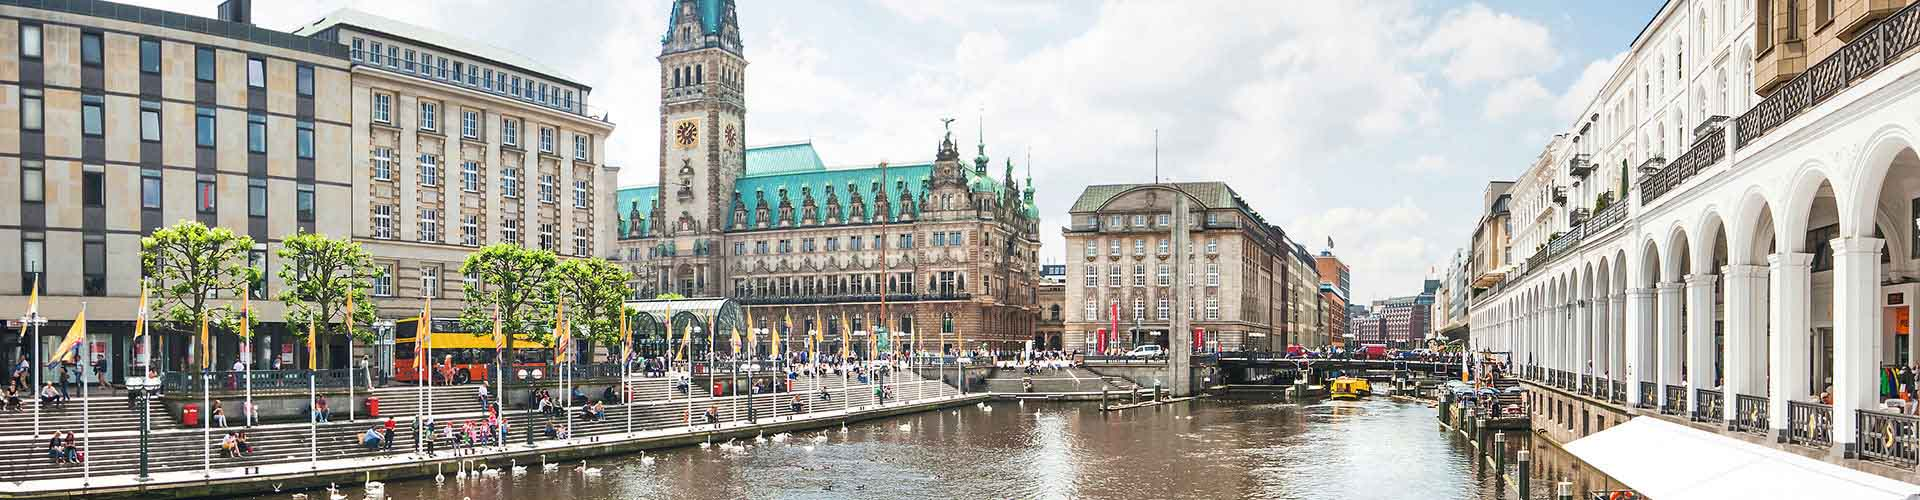 汉堡 – Altona Altstadt区的青年旅舍。汉堡地图,汉堡每间青年旅舍的照片和评价。